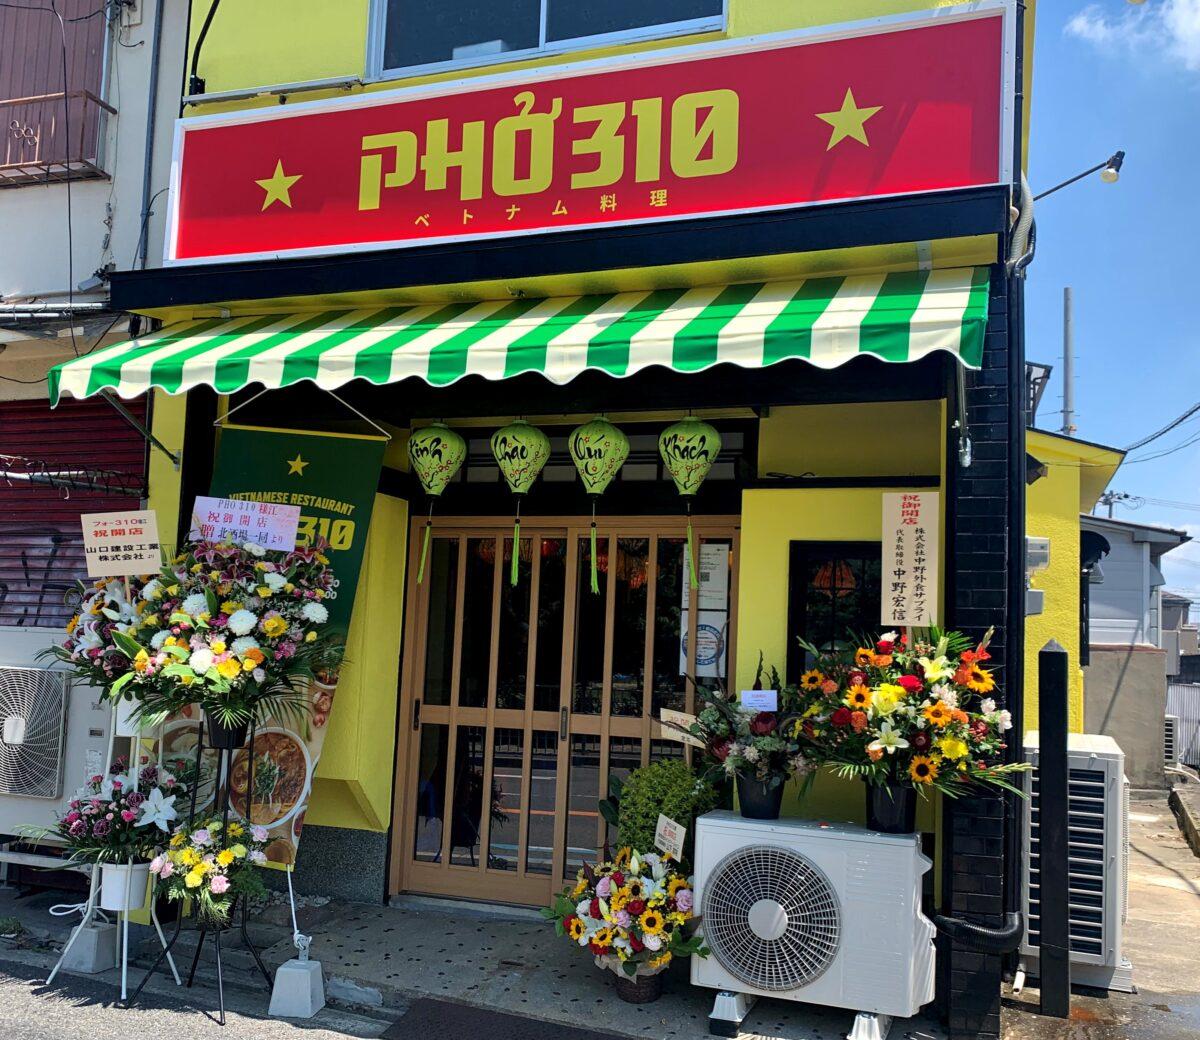 【祝オープン】堺市中区・府大近くの310号線沿いにかわいいベトナム料理店『Pho310 』がオープンしましたよ~★フォー!!: